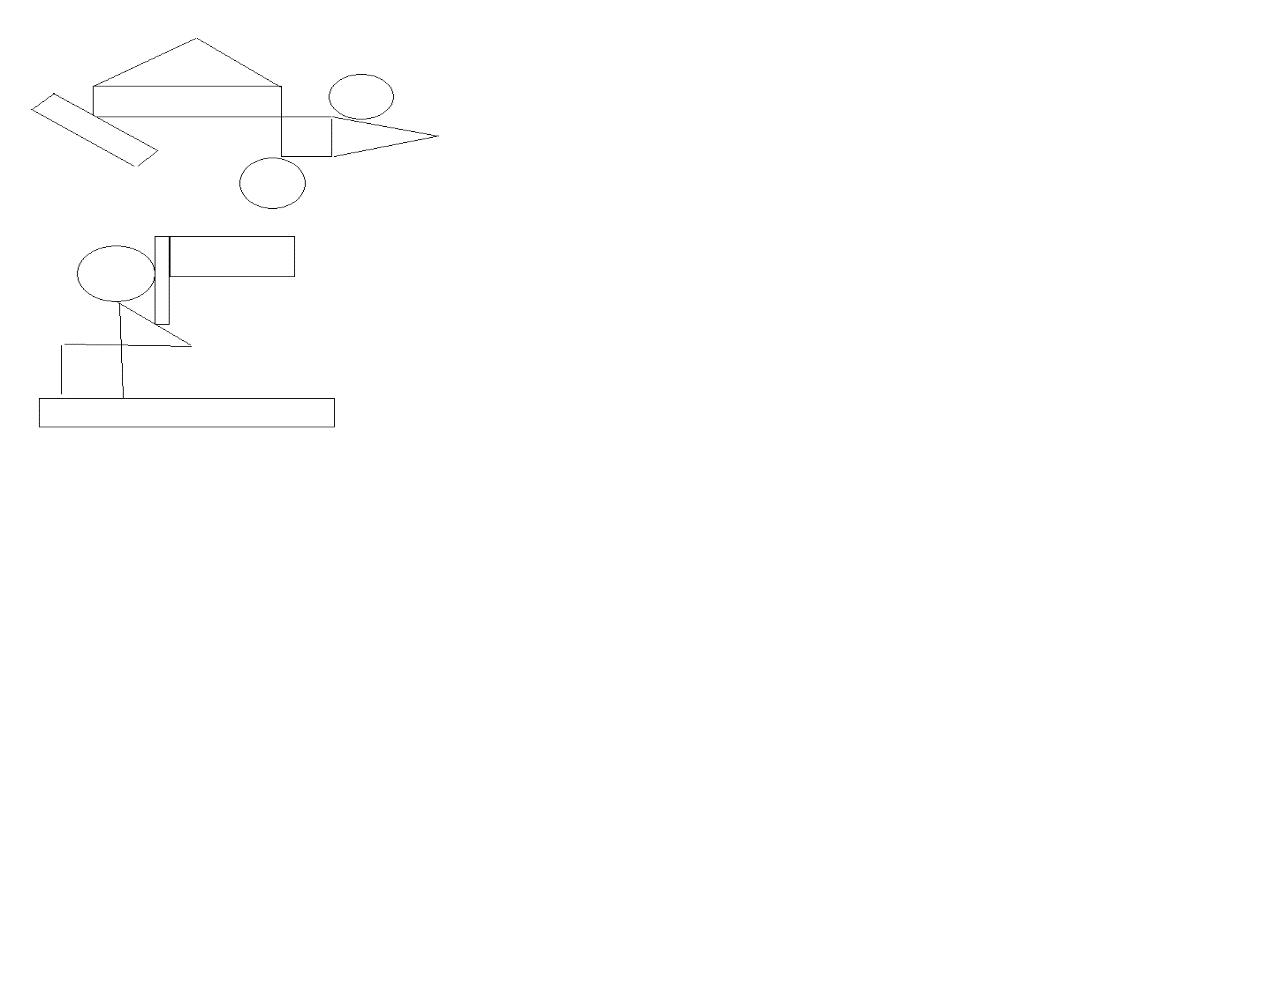 фигуры